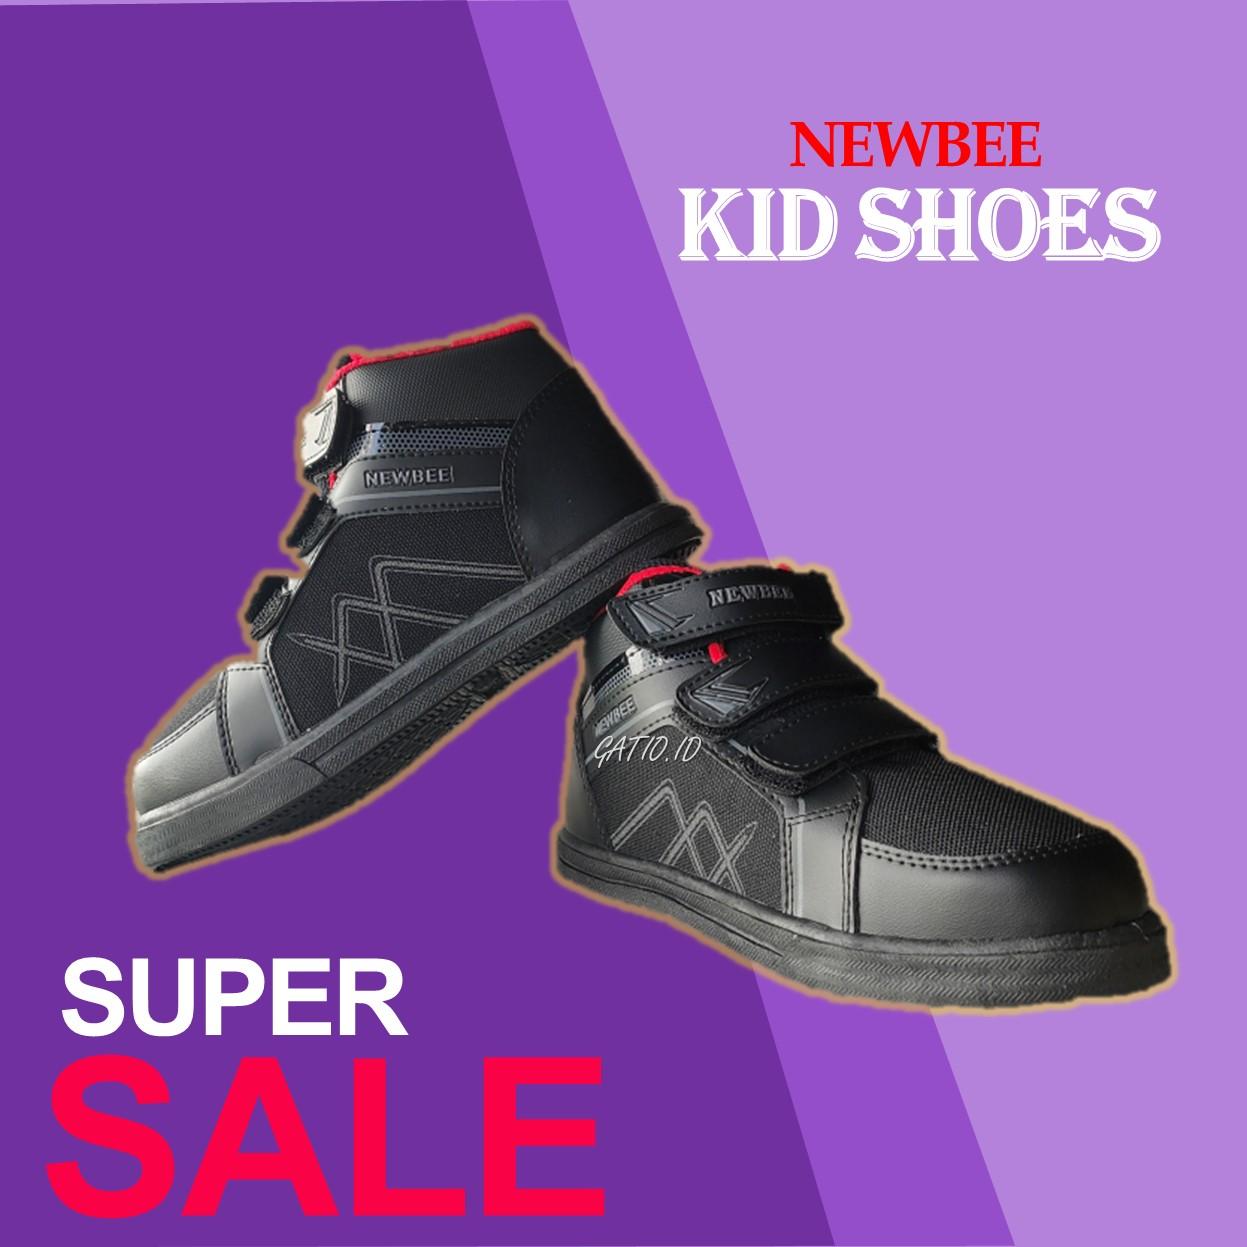 gatio / sepatu anak sekolah laki laki cowok / sepatu sekolah anak playgrup tk sd / sepatu sneakers tahun / sepatu anak ukuran 28 29 30 31 32 33 34 35 / vico newbee